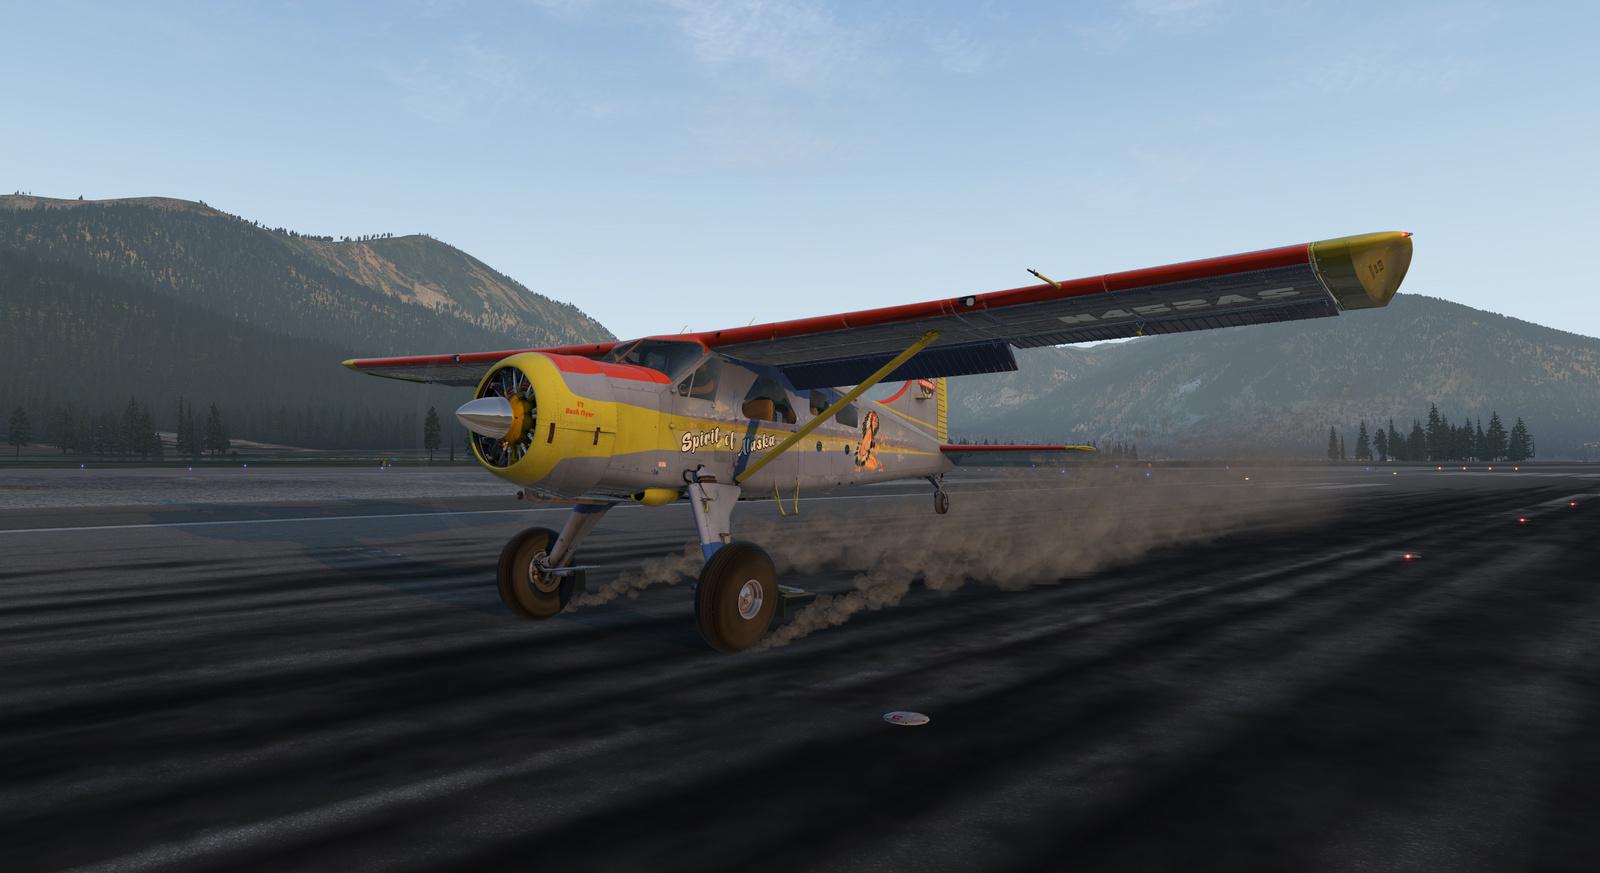 Spirit of Alaska repaint for Thranda DHC-2 Beaver for X-Plane 11, Tundra tires, image 1/20